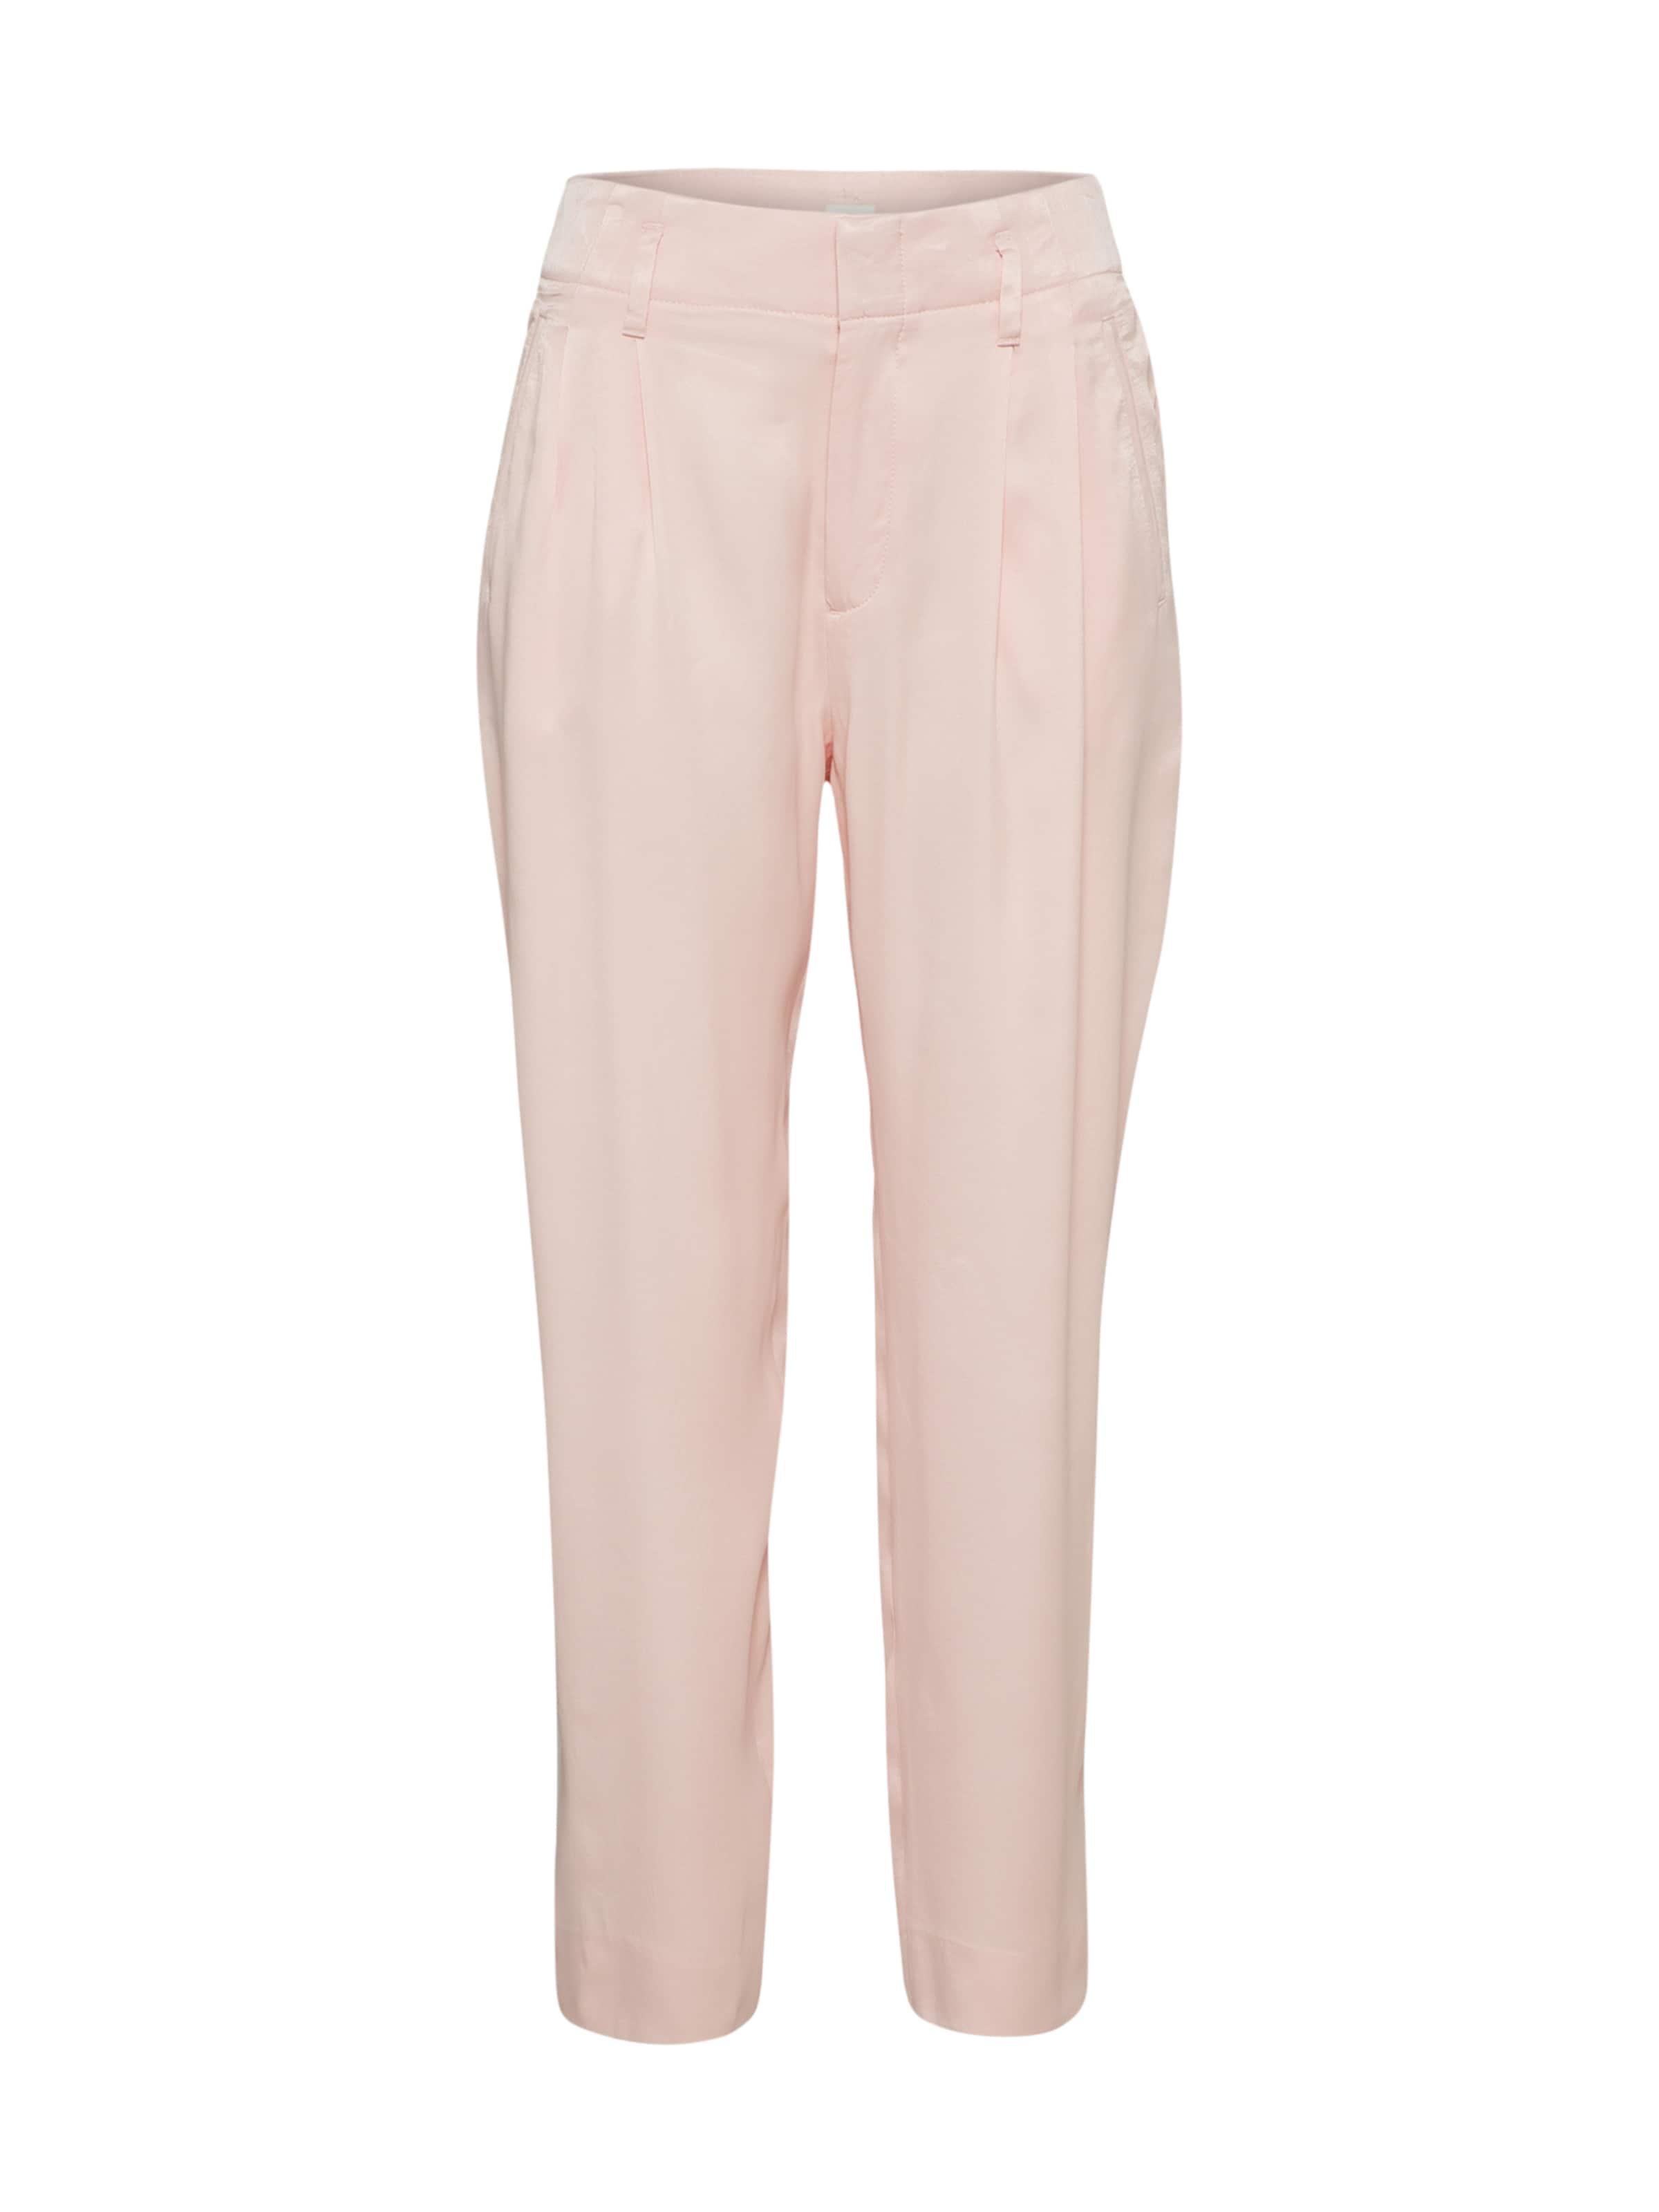 Gap Pantalon Rose Gap En 'drapey' Pantalon 'drapey' En JuFcl3TK15